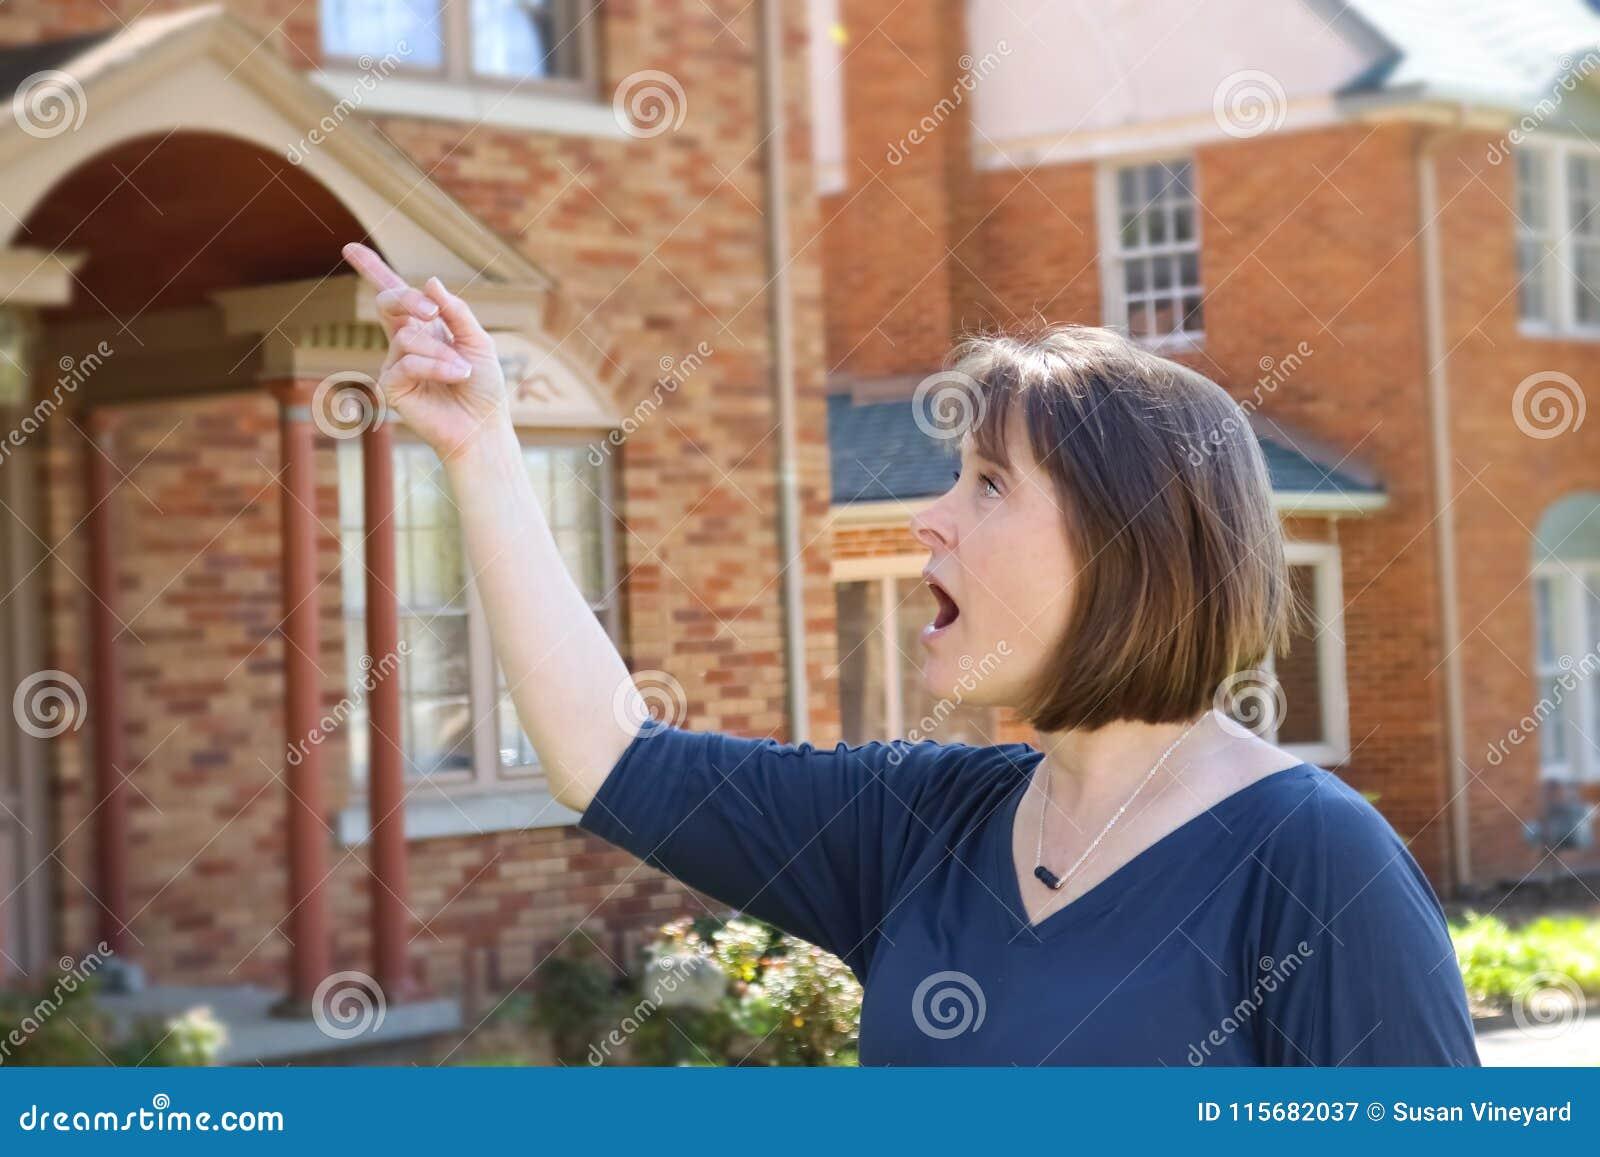 De vrouw met kort haar voor vage baksteen huisvest punten en kijkt verrast